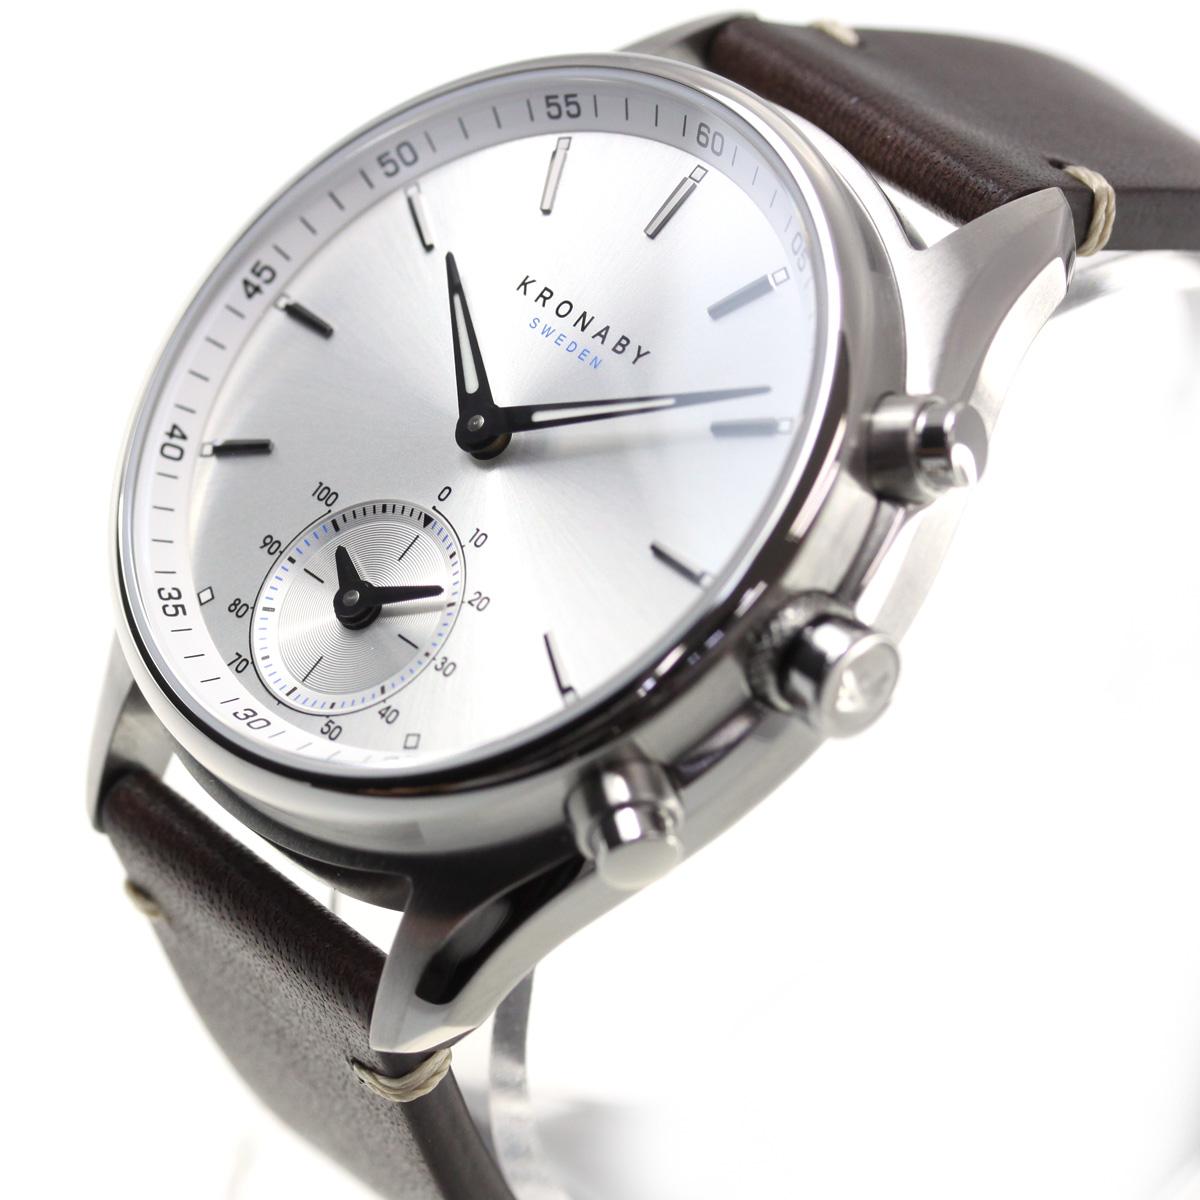 クロナビー KRONABY セーケル SEKEL スマートウォッチ 腕時計 メンズ A1000-1902